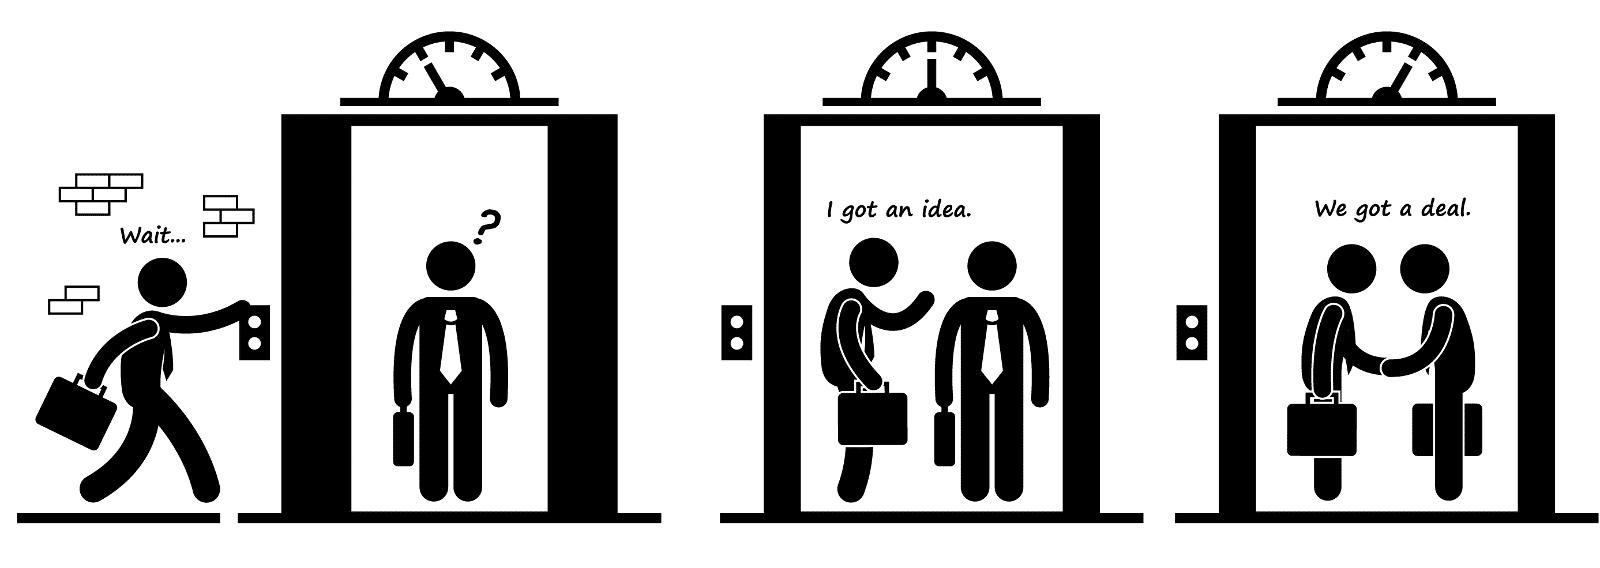 Comment définir une Unique Selling Proposition (USP) ? 1